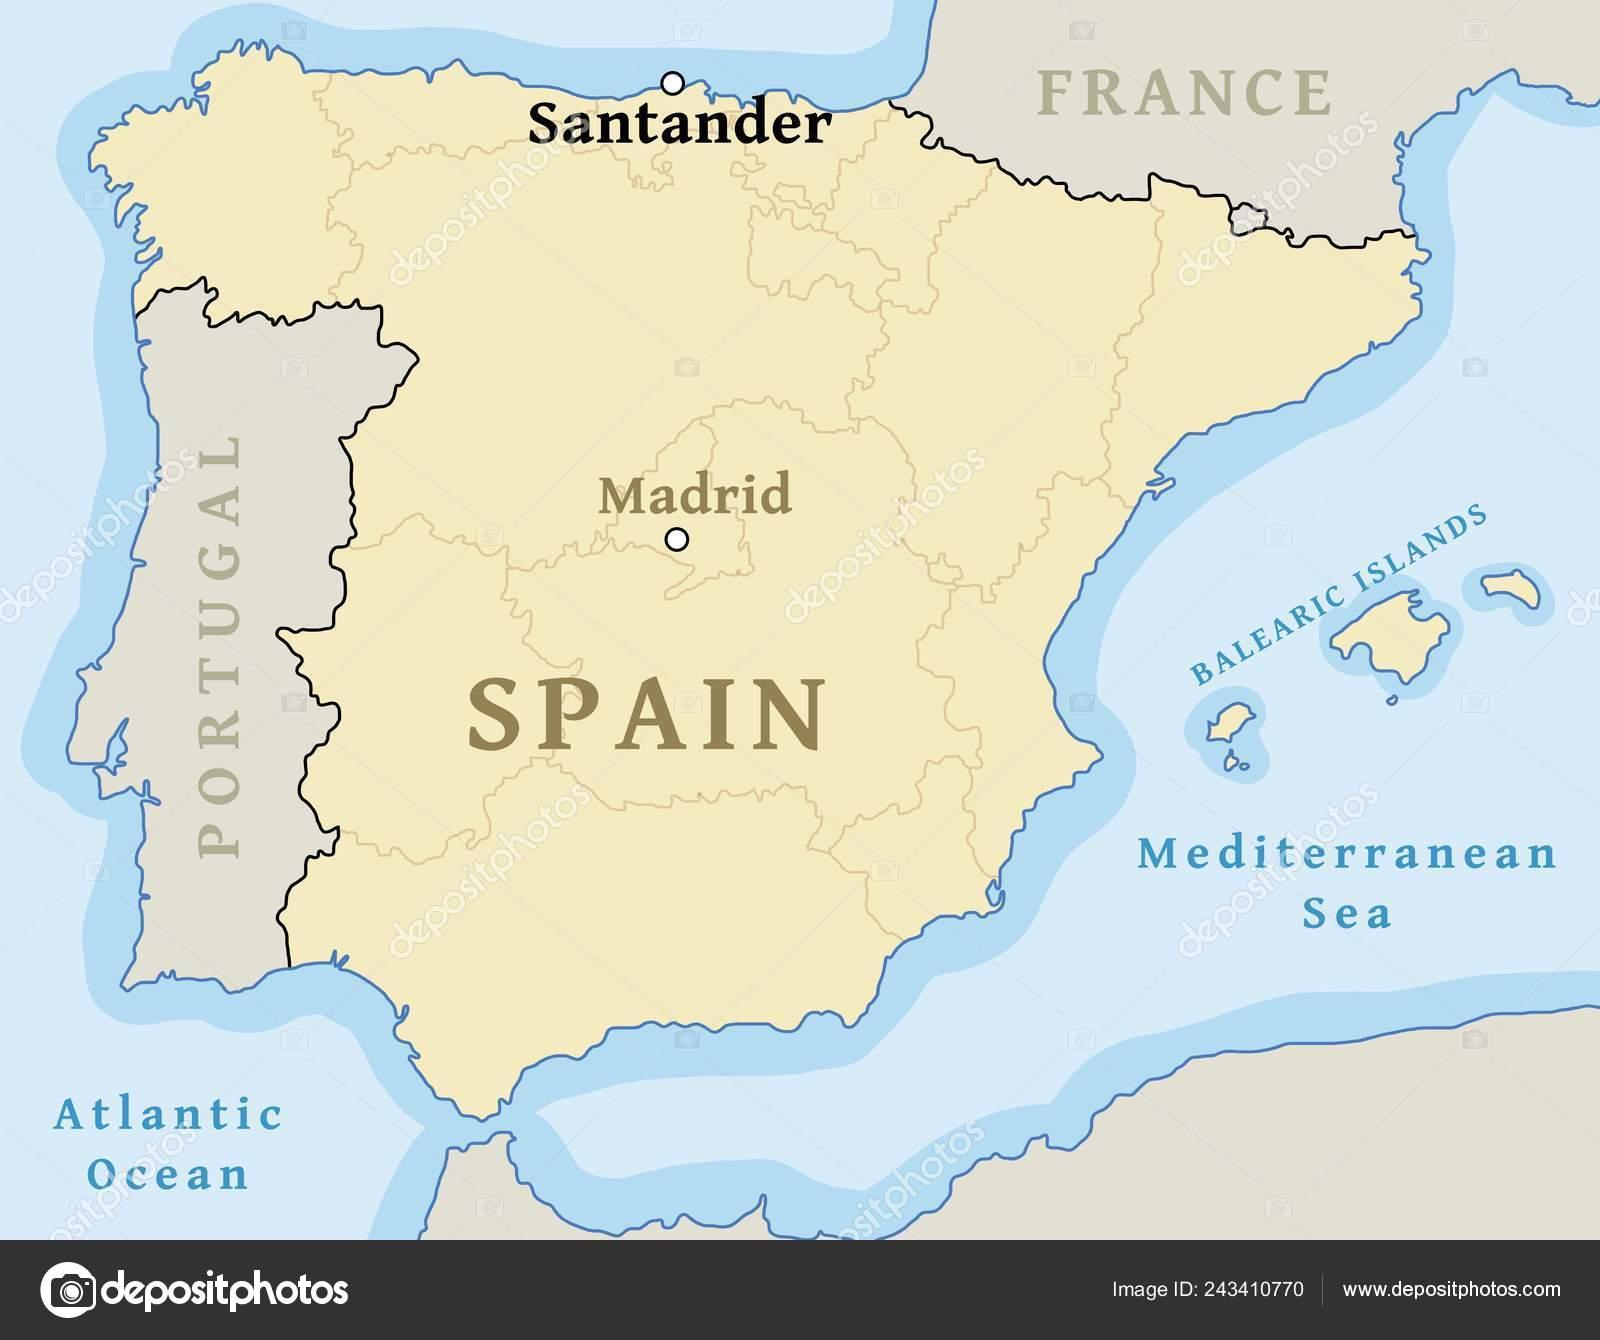 Mapa De Santander España.Ubicacion Mapa Santander Ciudad Mapa Espana Ilustracion